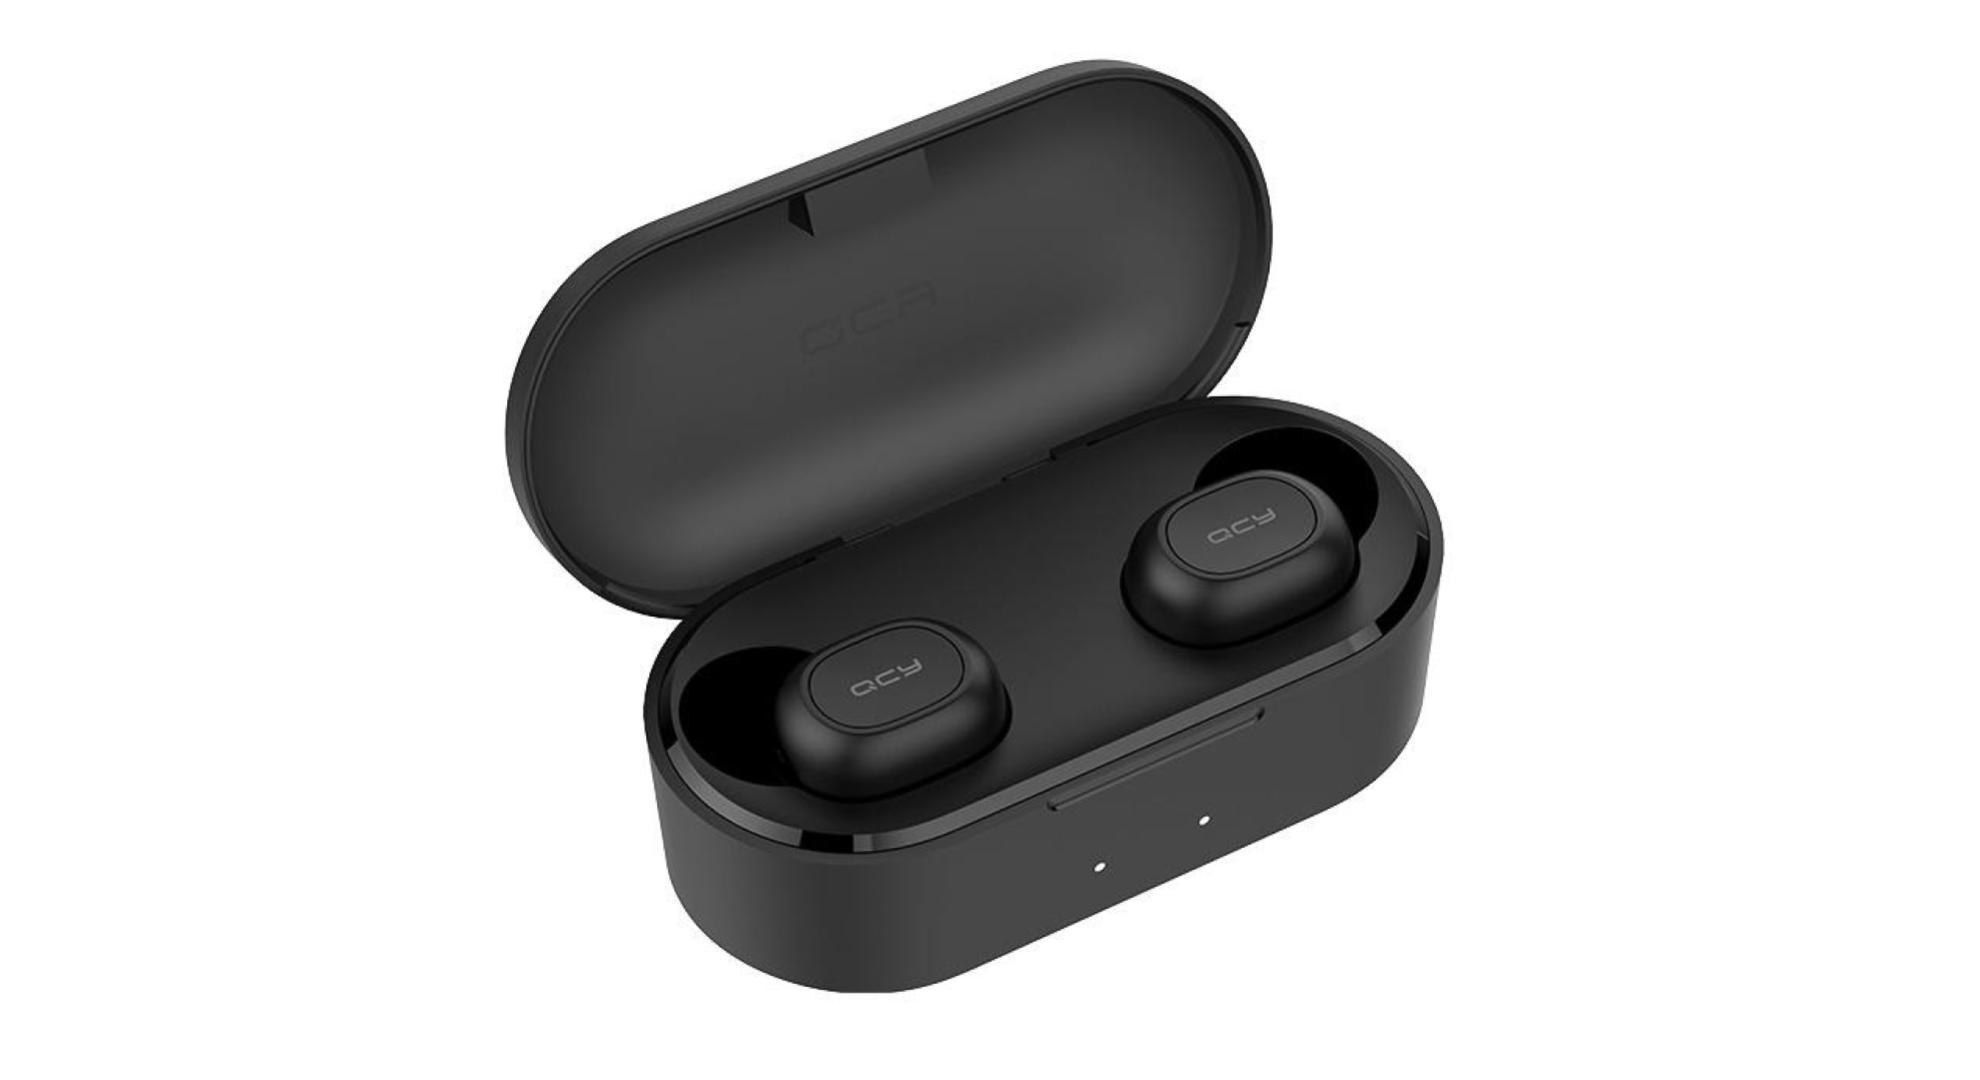 🔥 Bon plan : ces écouteurs sans fil (Bluetooth 5.0) sont affichés à 25 euros